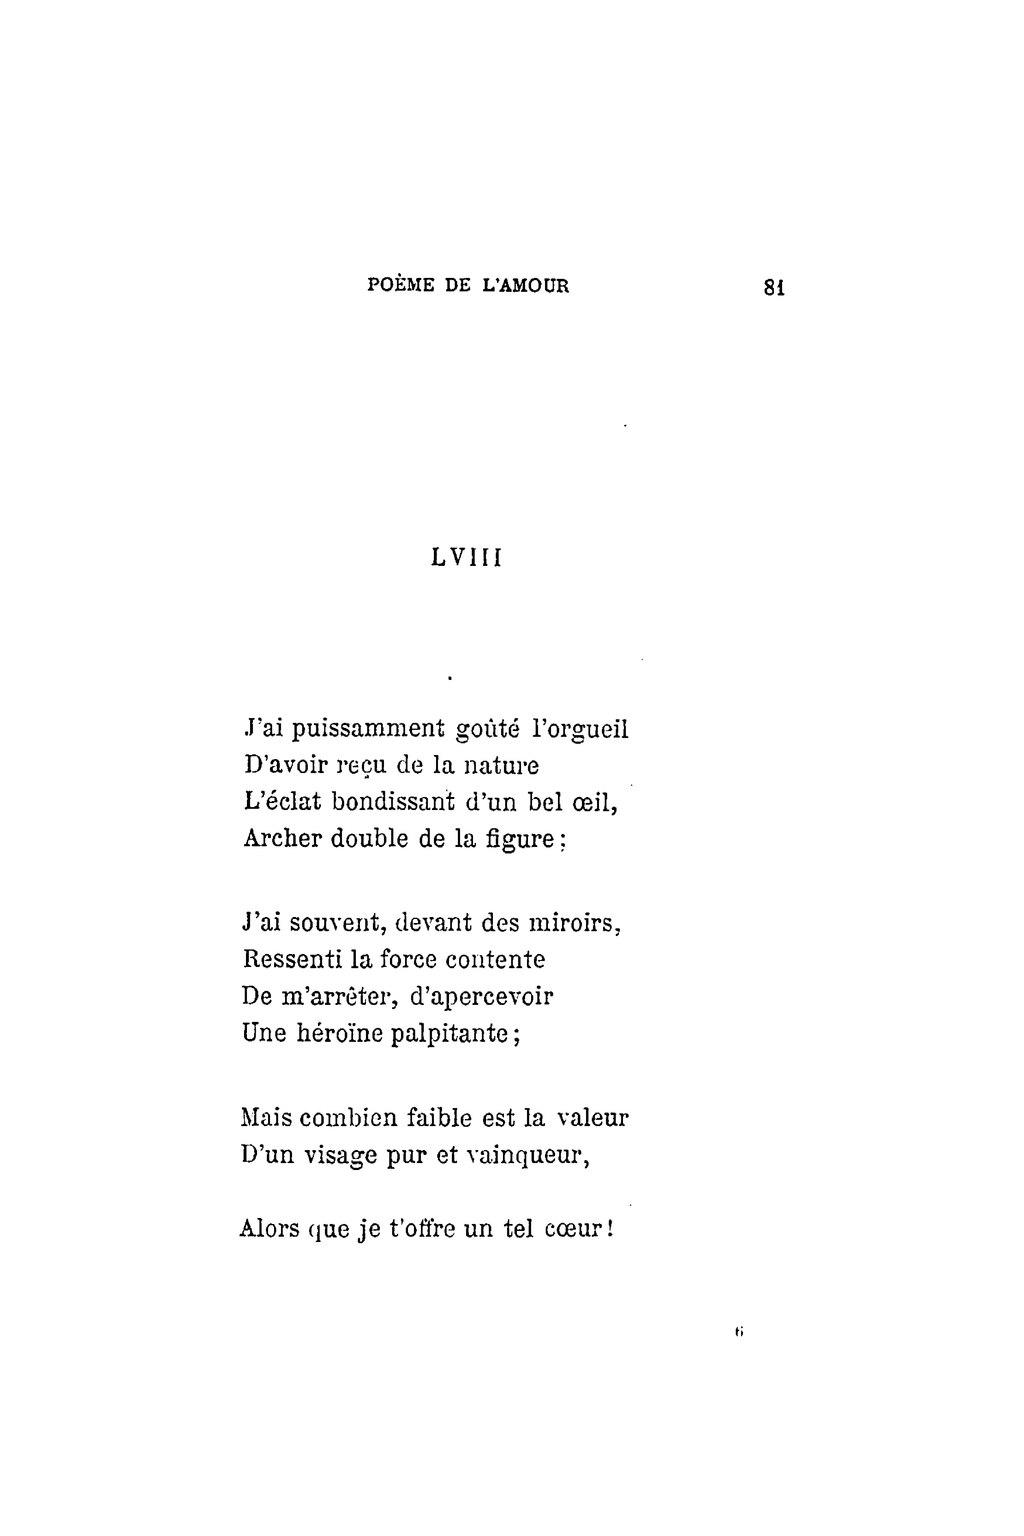 Pagenoailles Poème De Lamour 1924djvu79 Wikisource